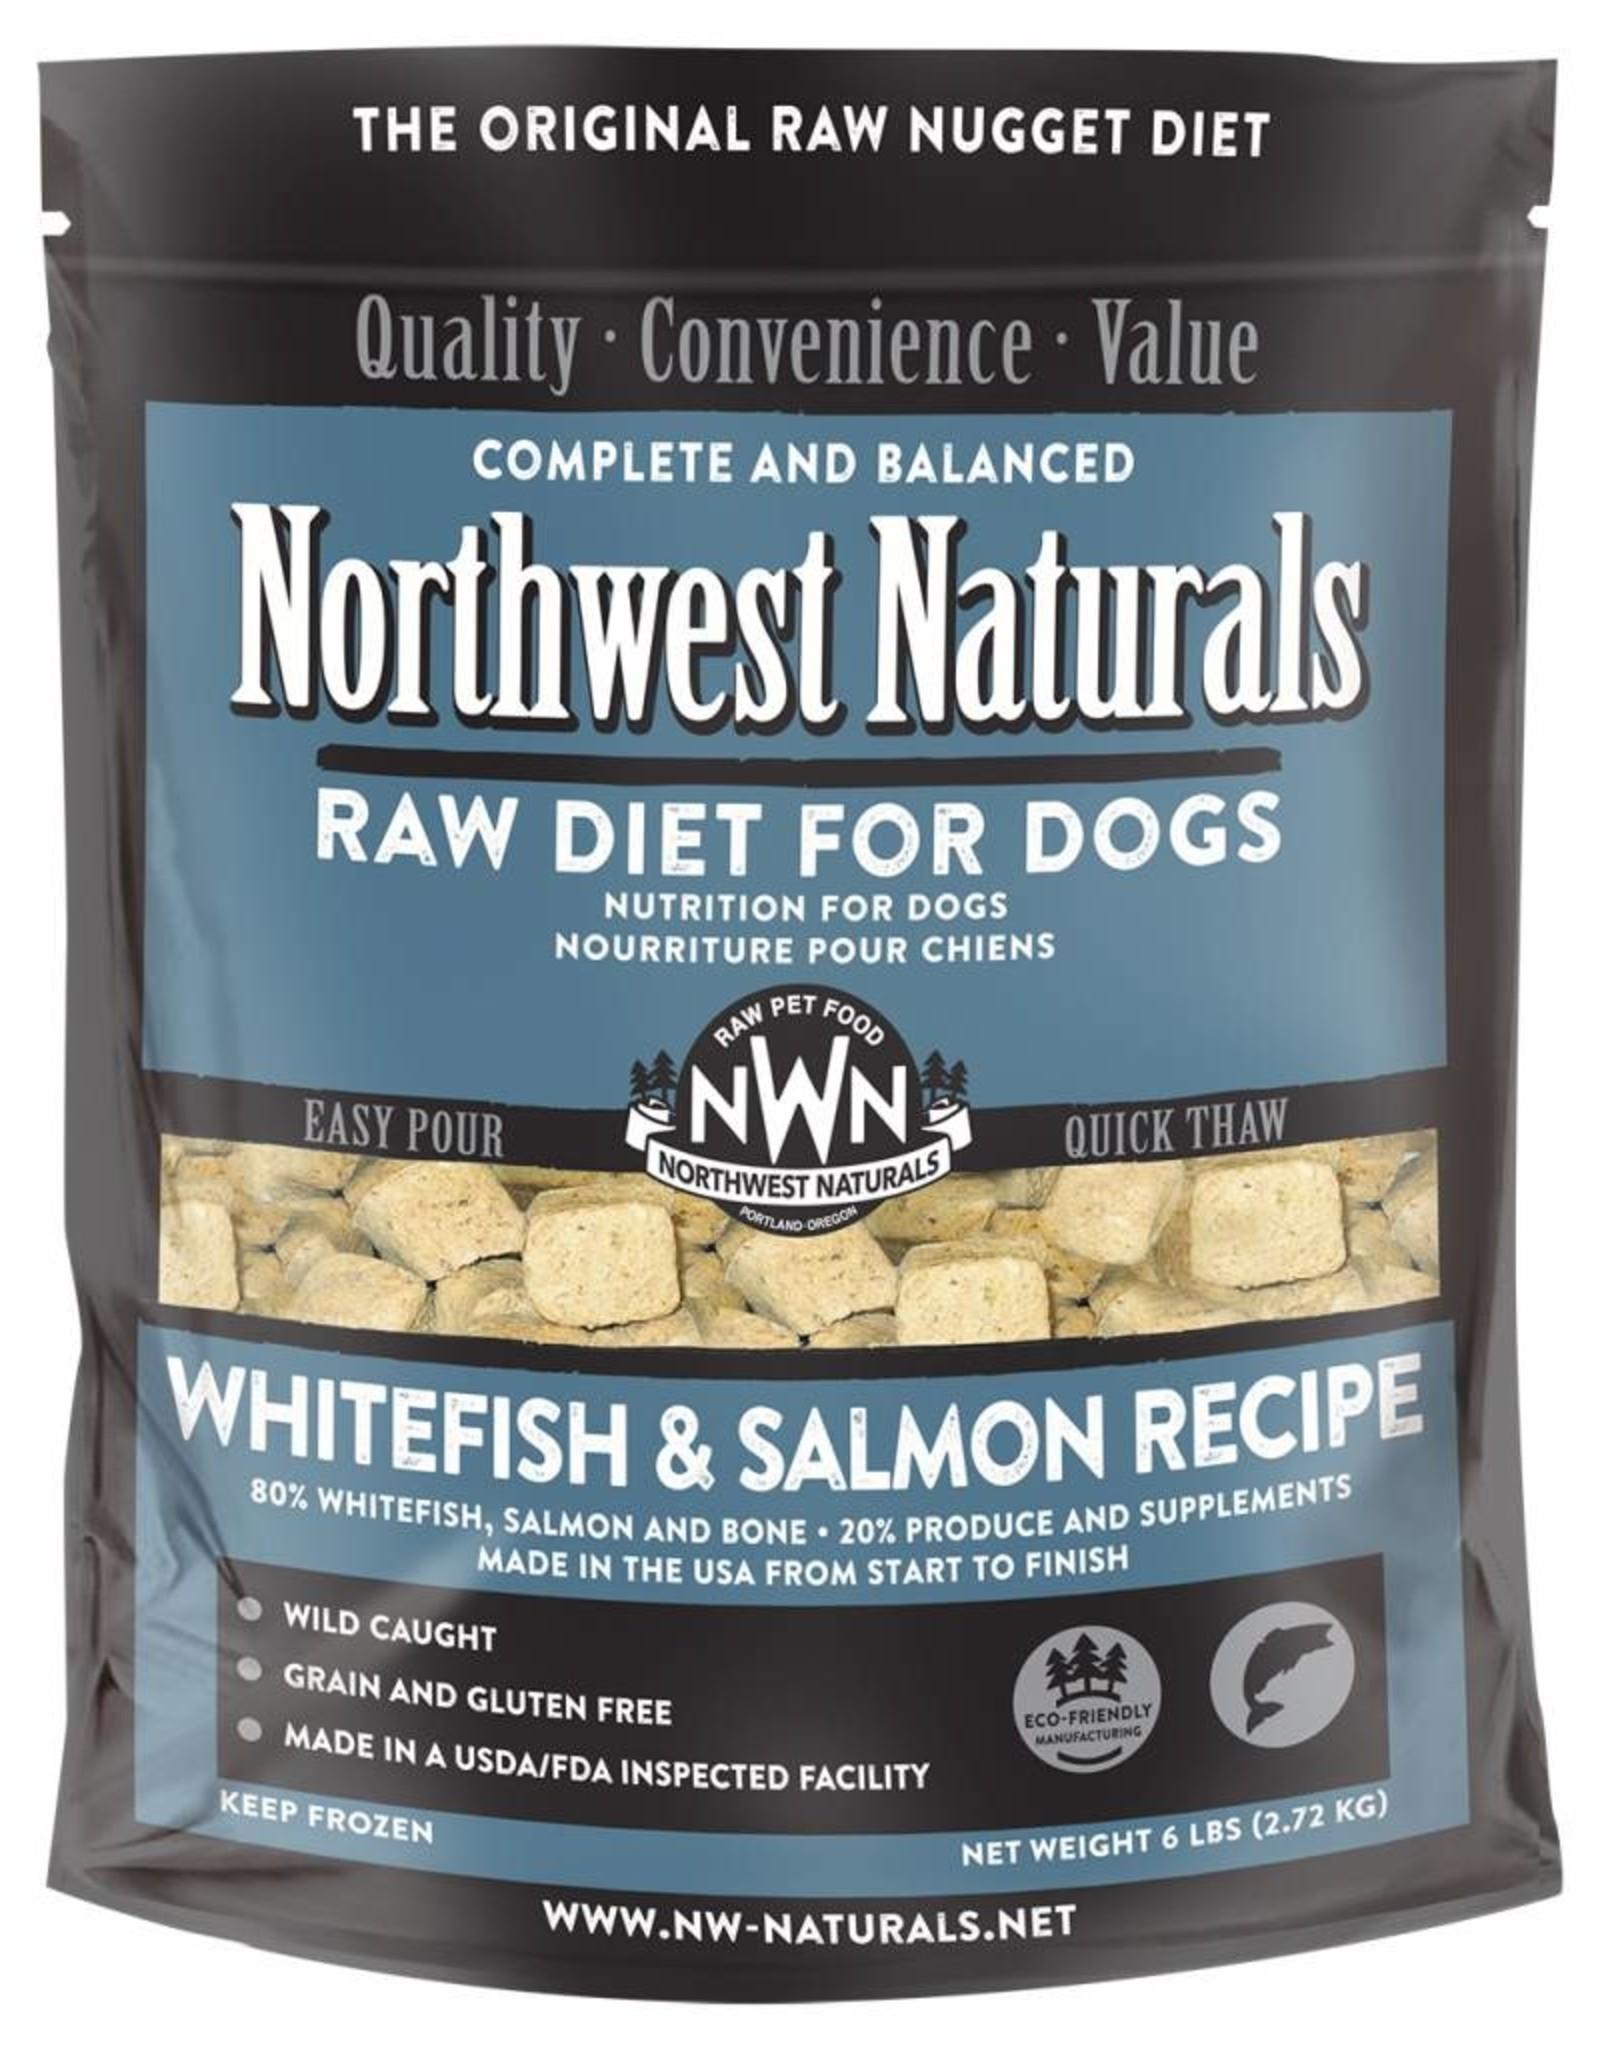 Northwest Naturals Northwest Naturals Dog Whitefish and Salmon Recipe